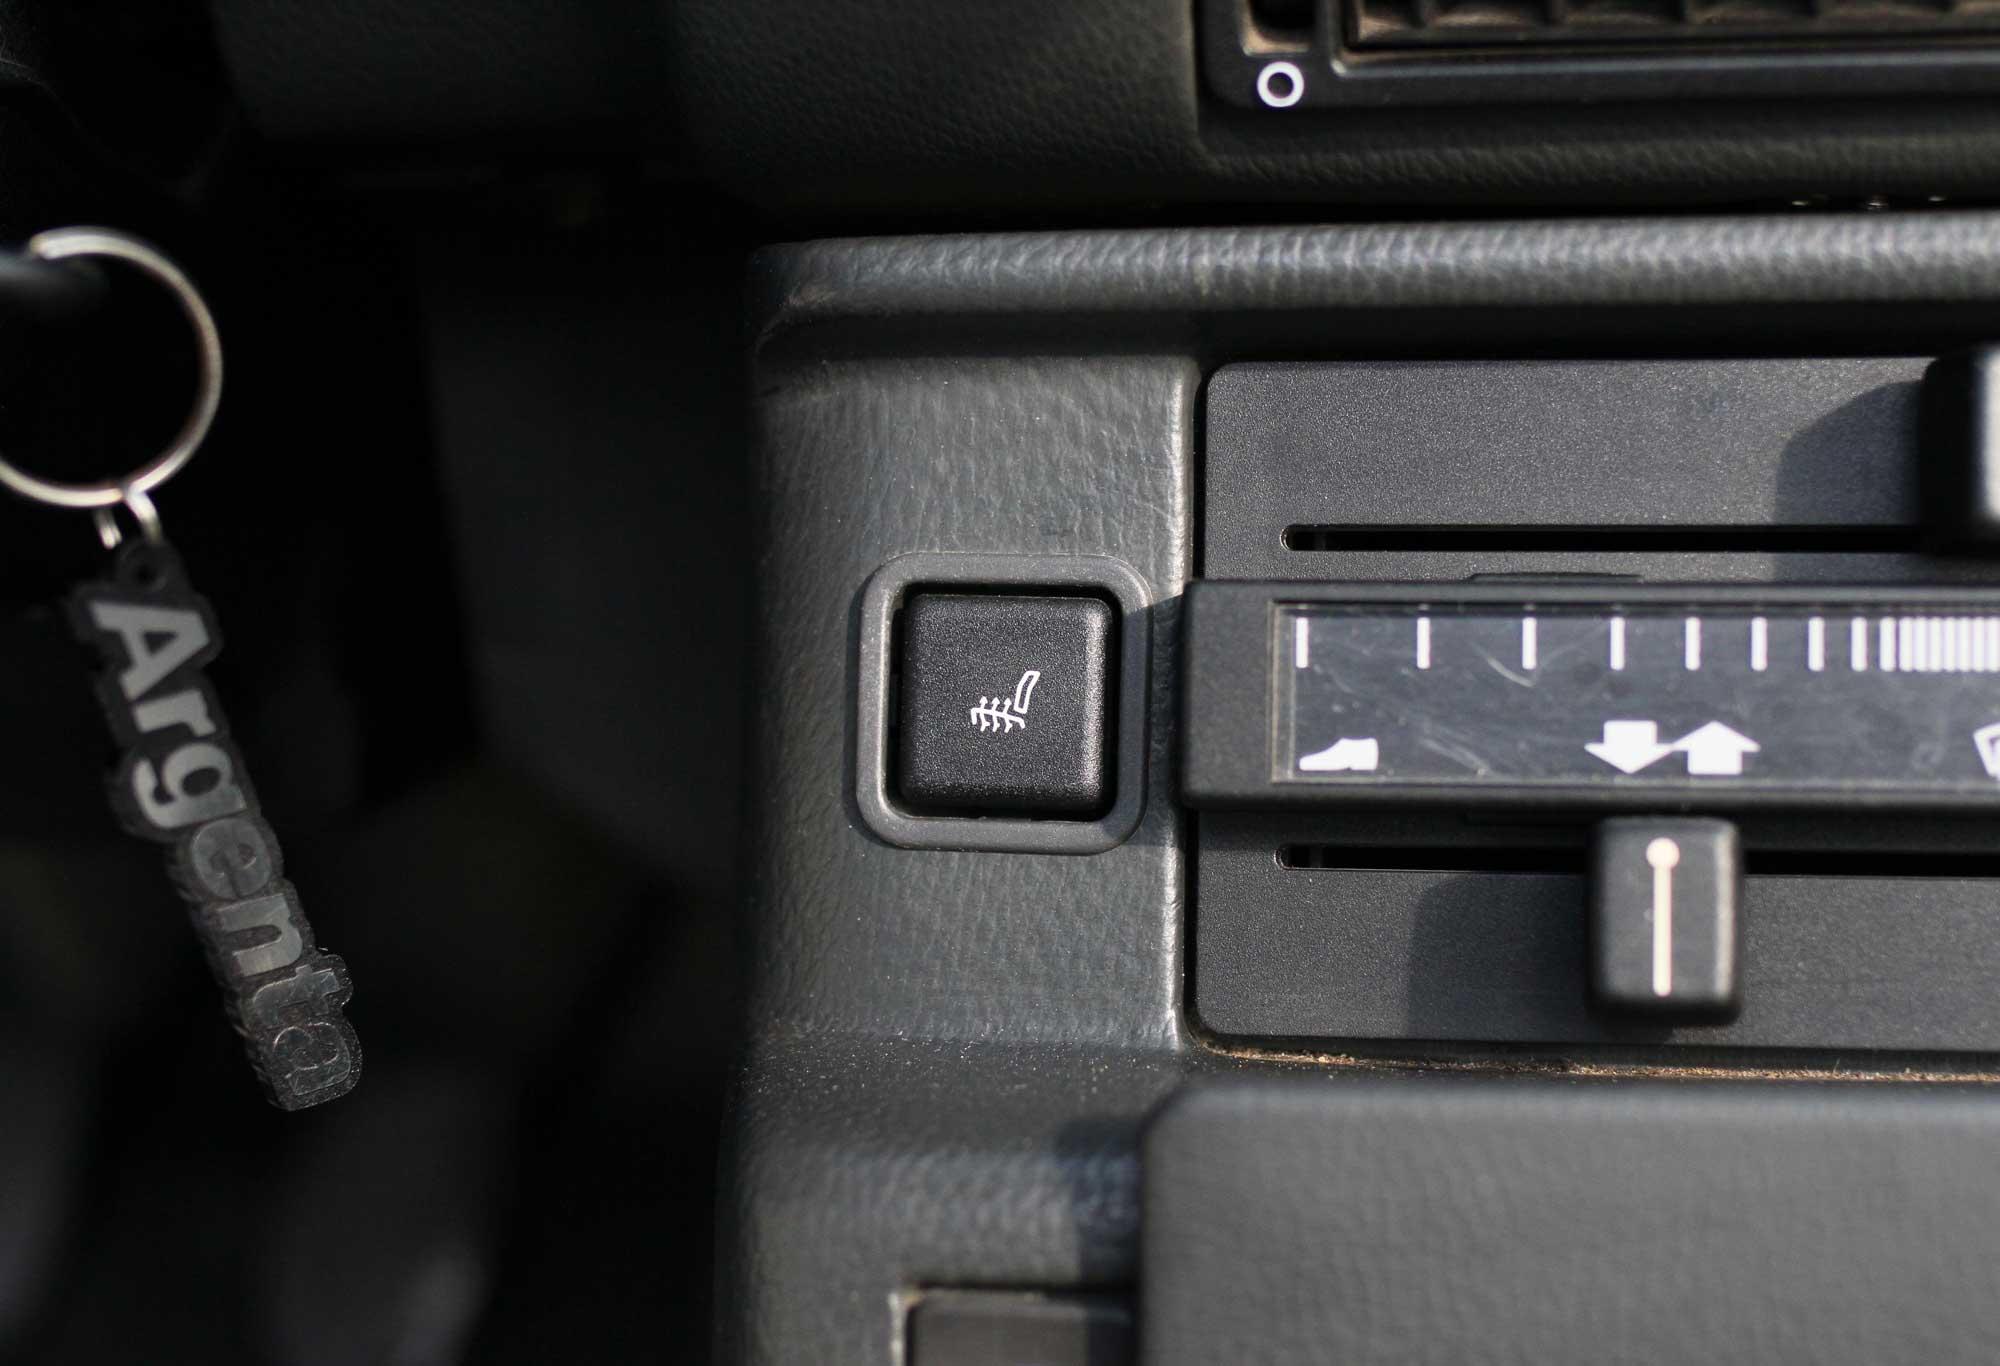 seat heater in a fiat